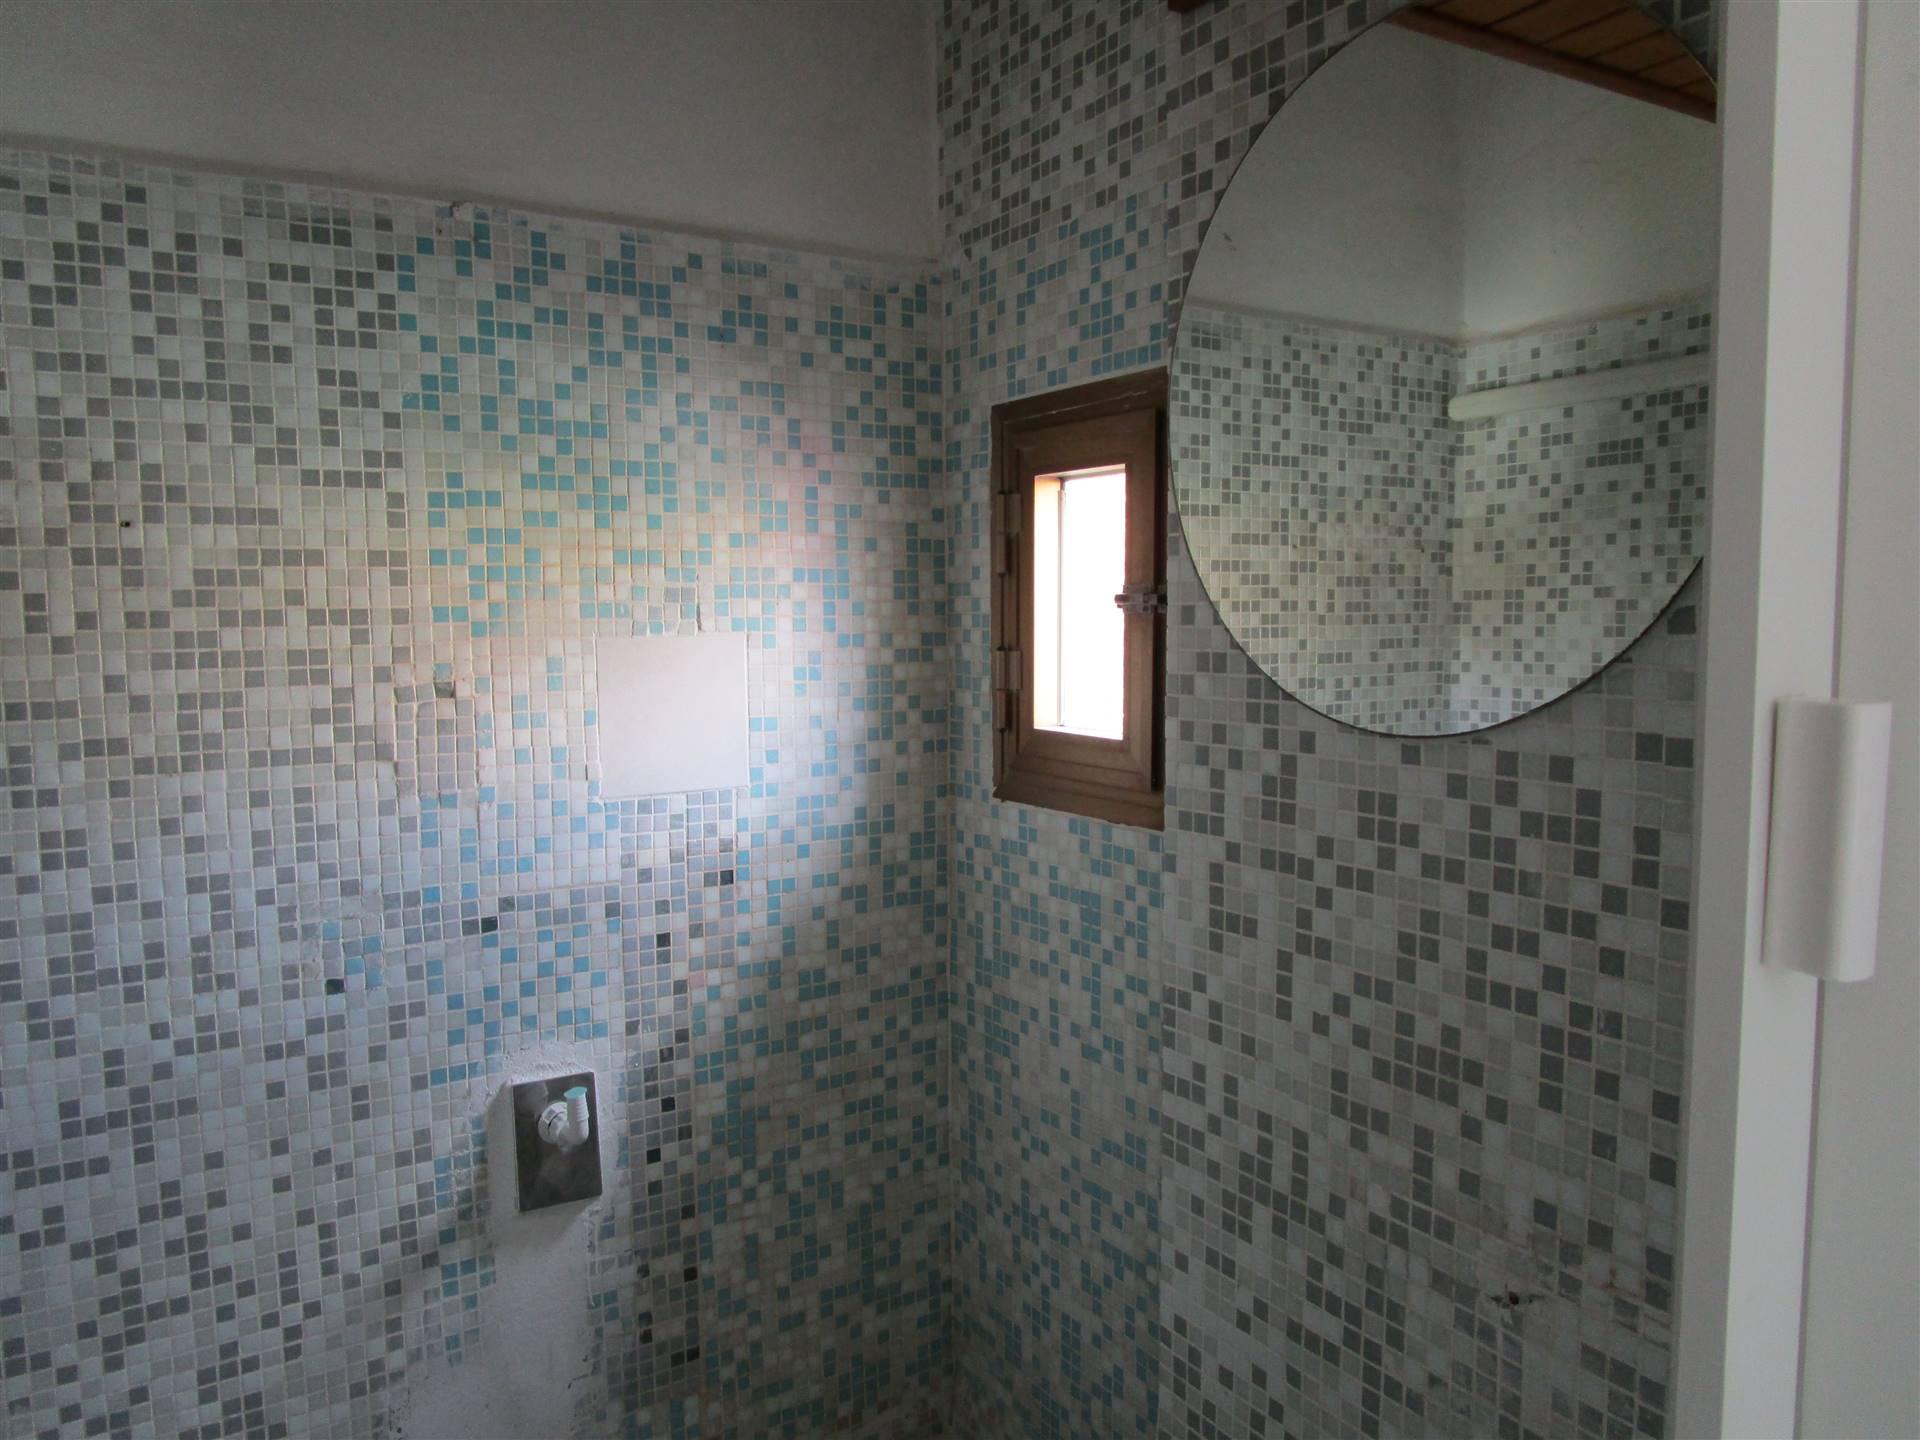 Appartamento in Vendita a Campi bisenzio zona San lorenzo - immagine 7